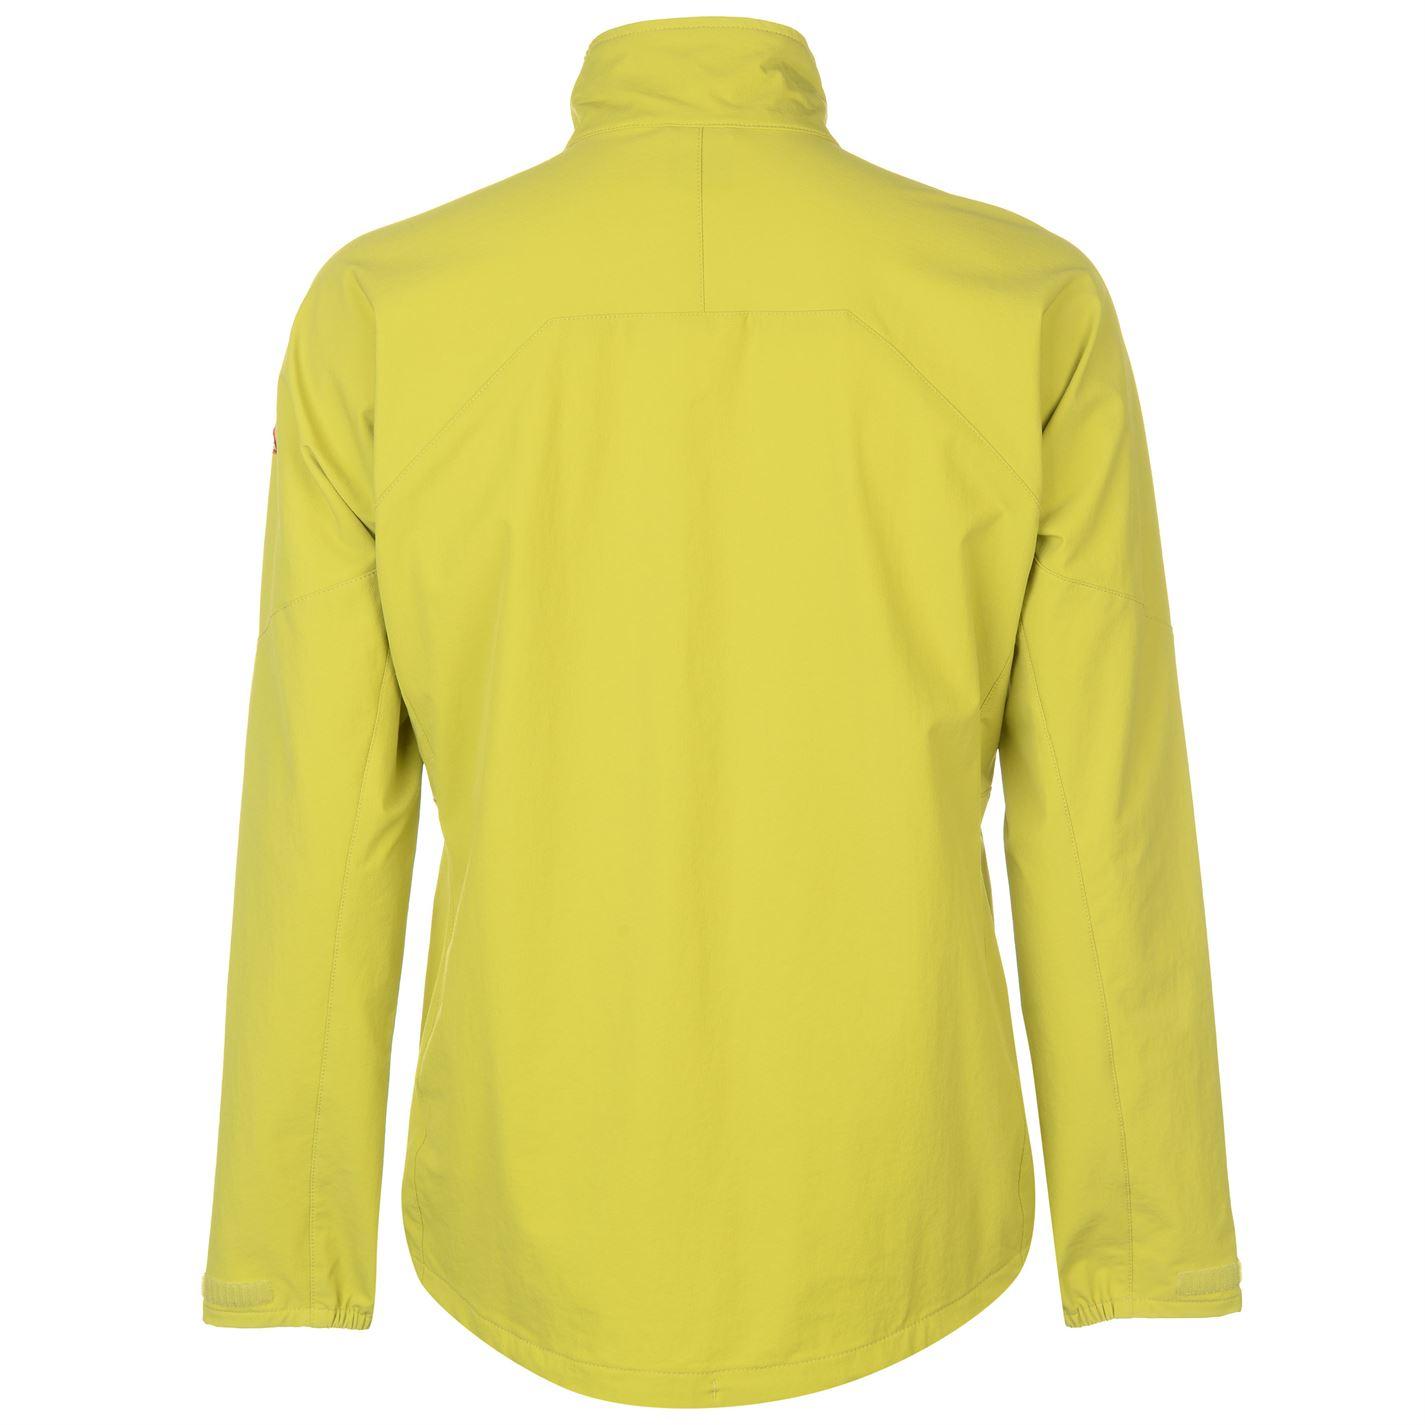 Karrimor Mens HotEarthSSJk Softshell Jacket Coat Top